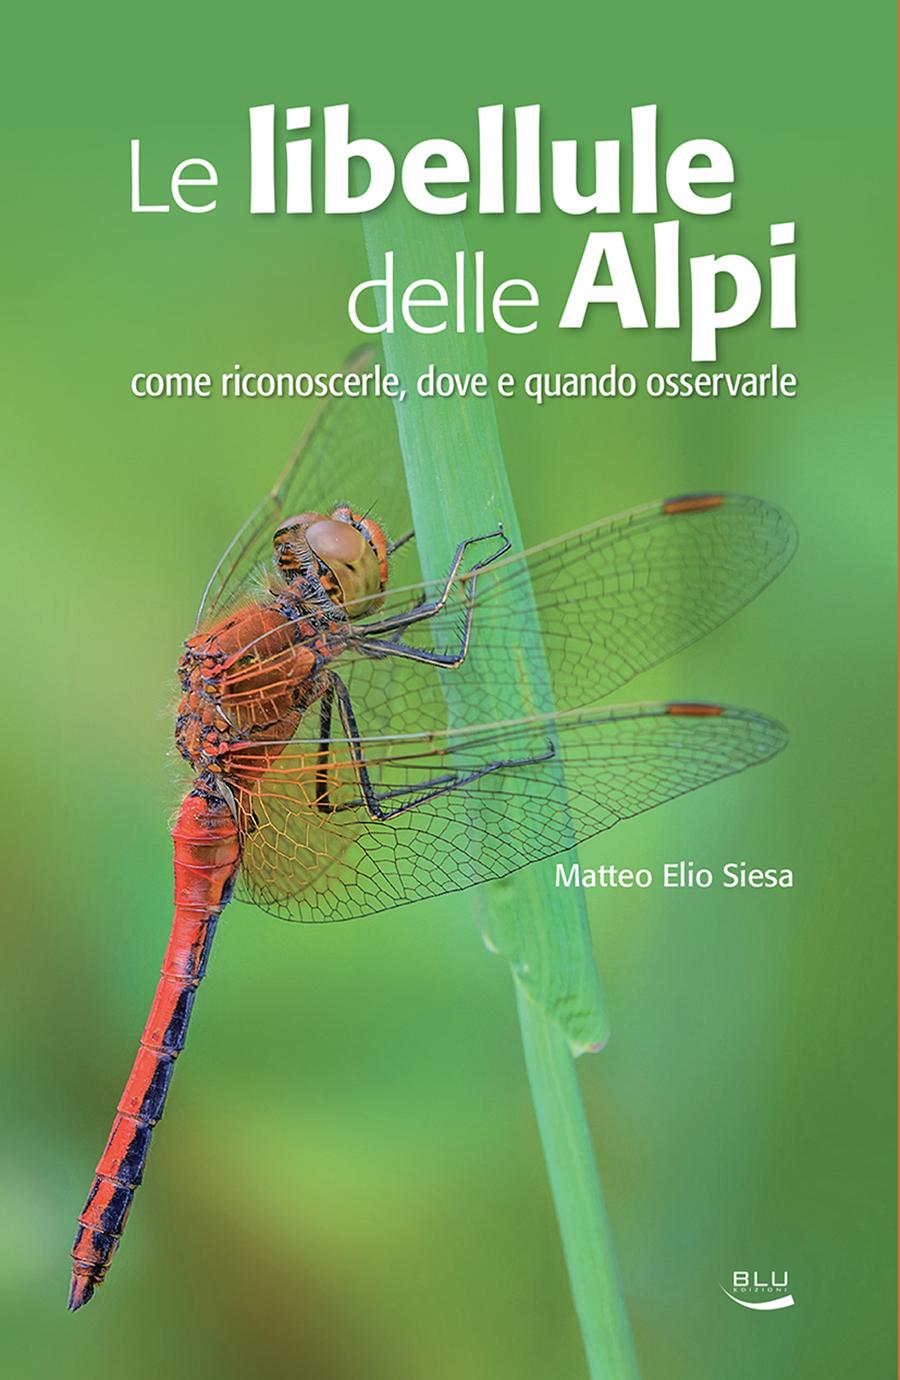 Le libellule delle Alpi, Blu Edizioni